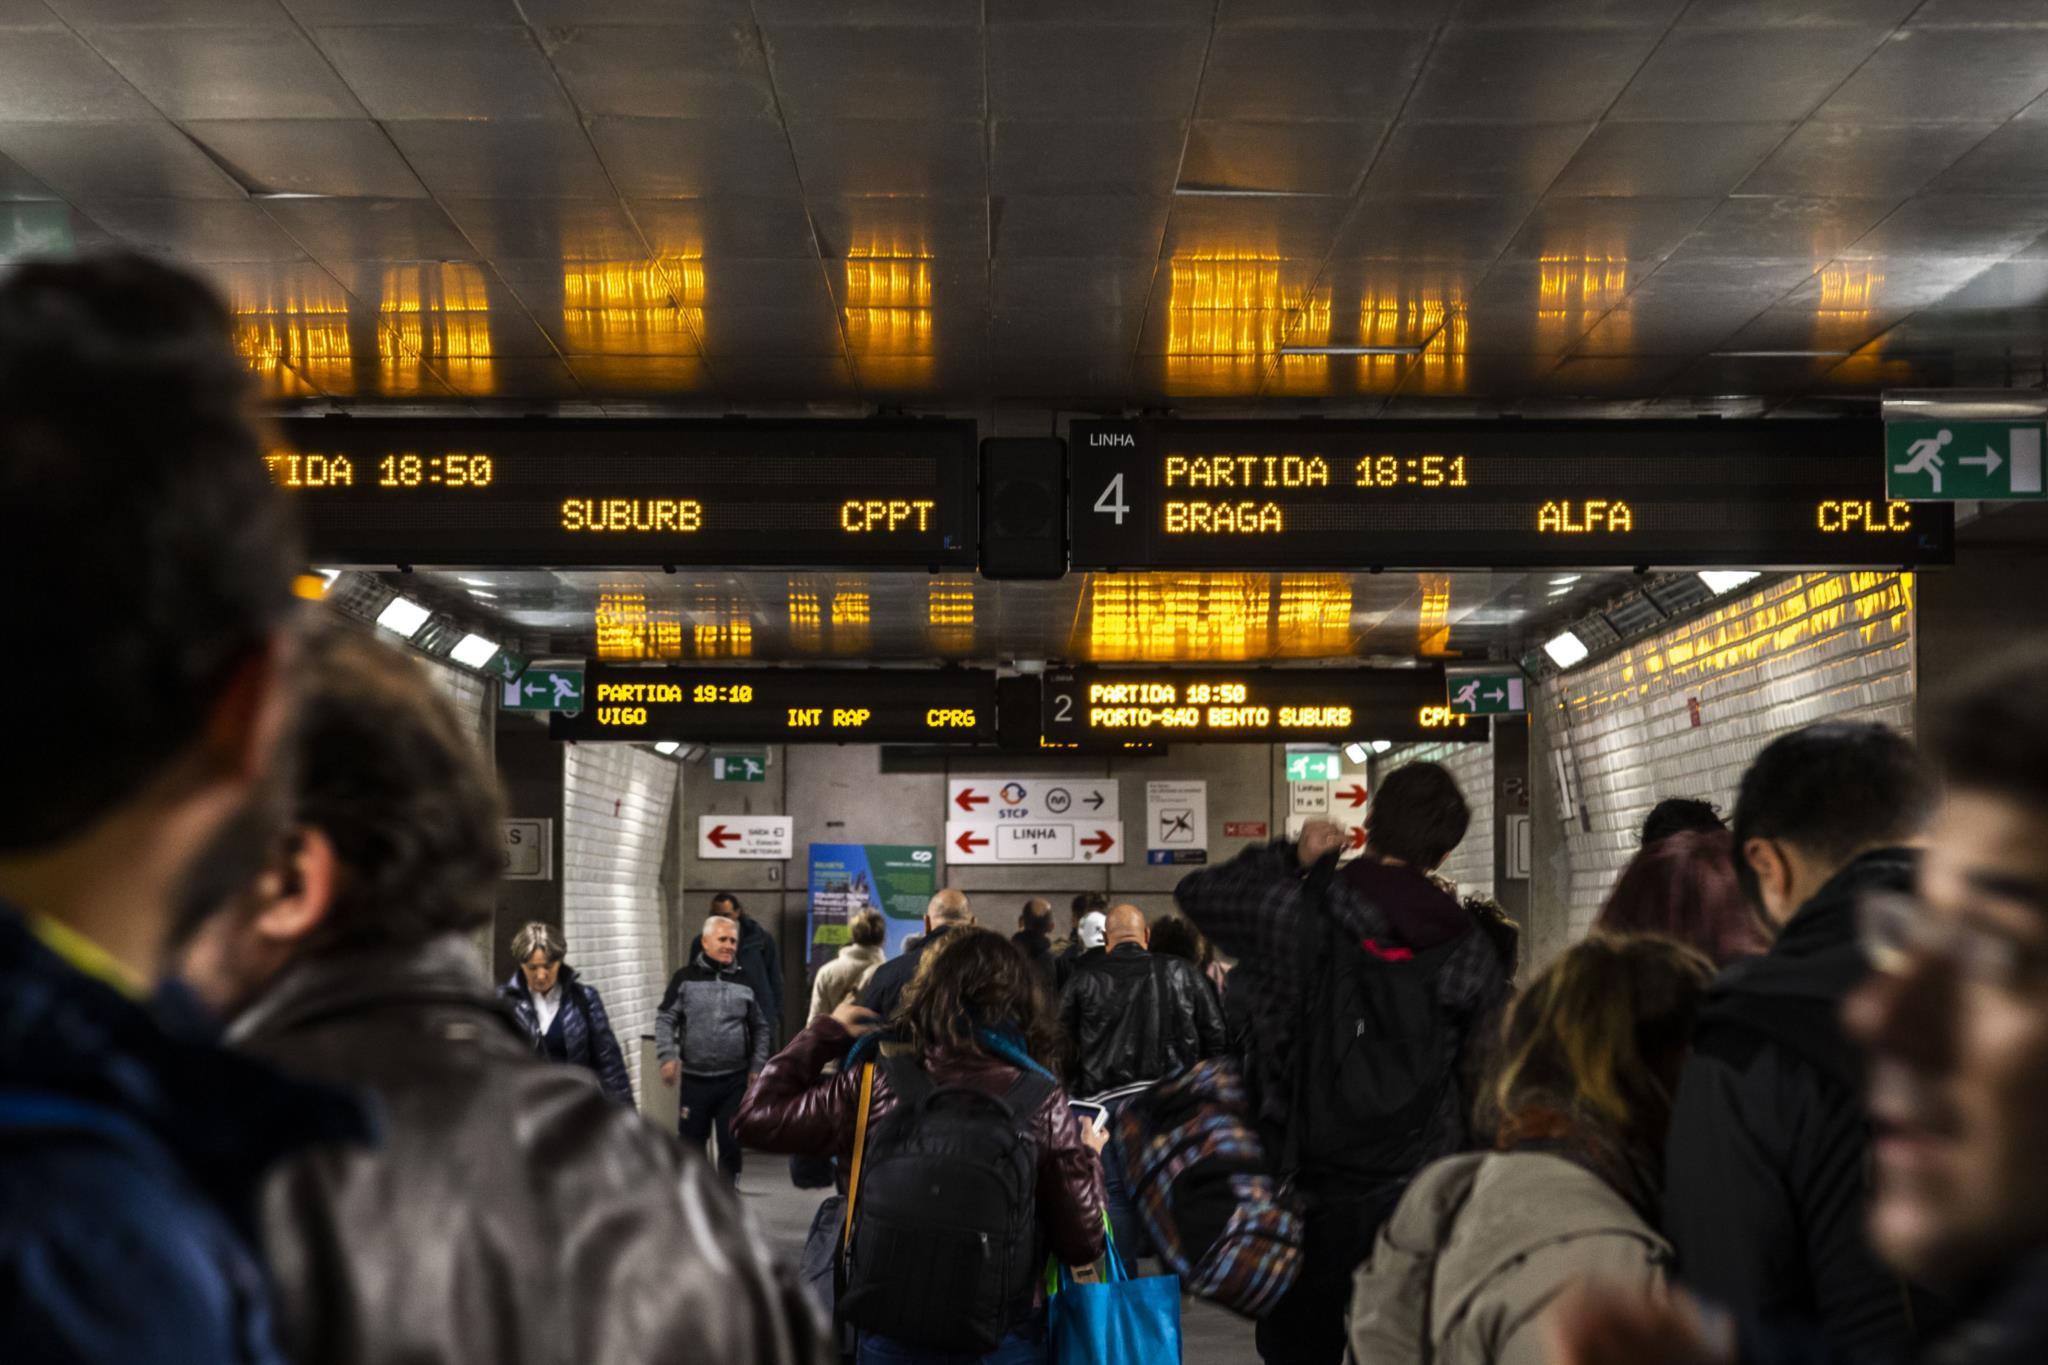 CP sem soluções agrava crise na ferrovia